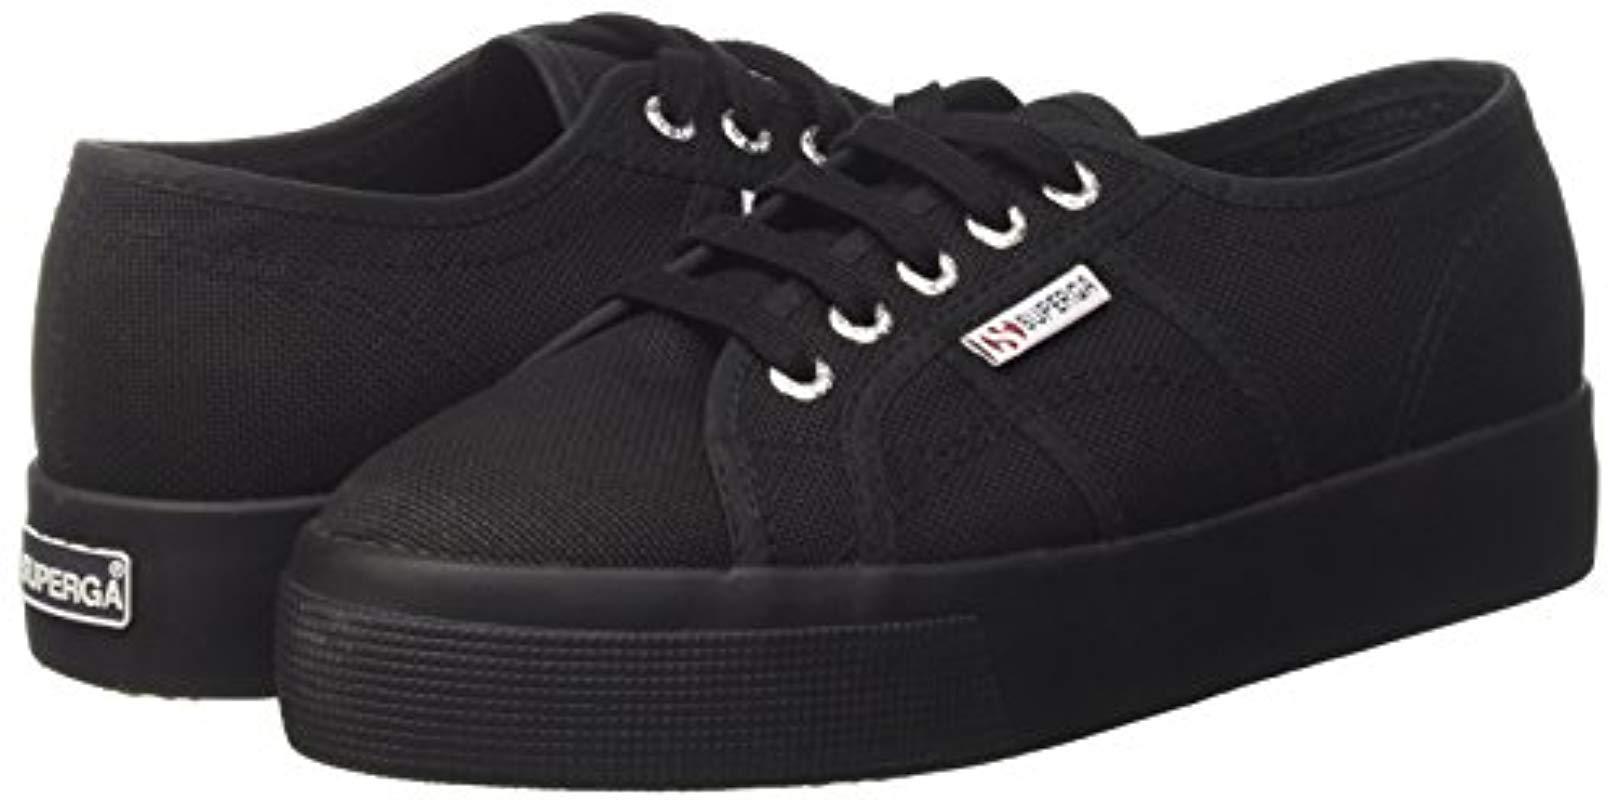 2730-cotu Gymnastics Shoes in Black